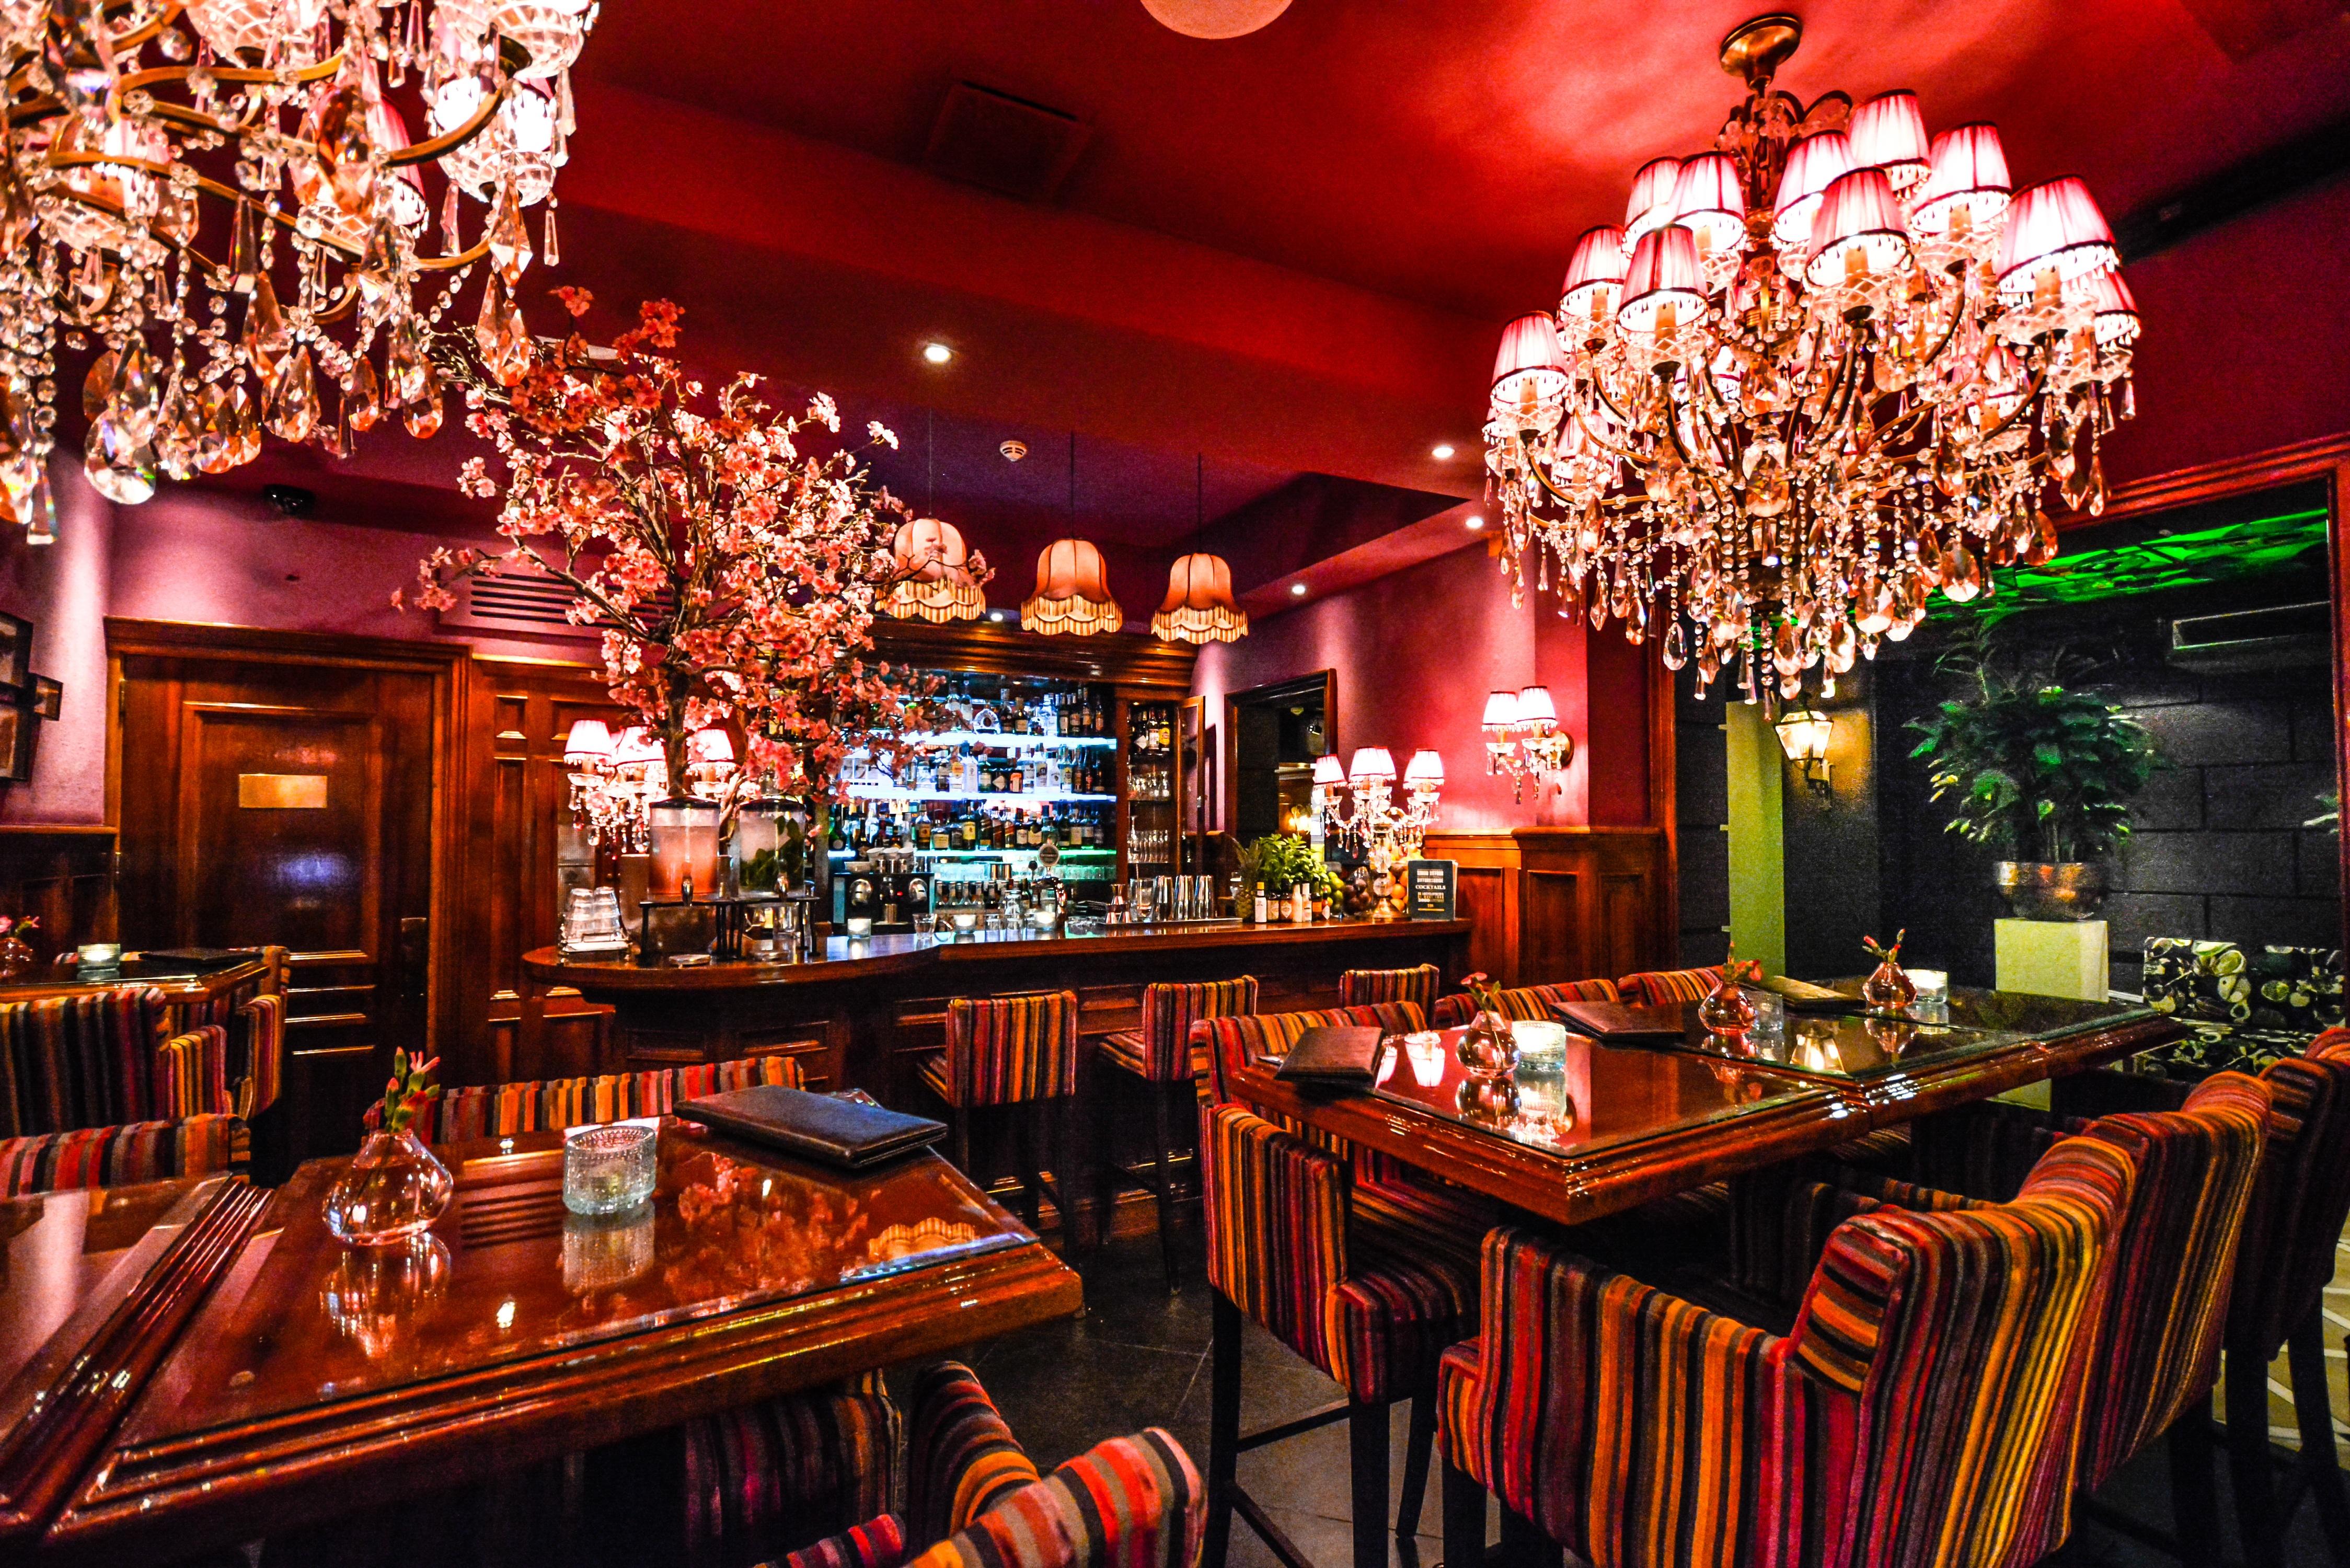 Красивые картинки ресторанов